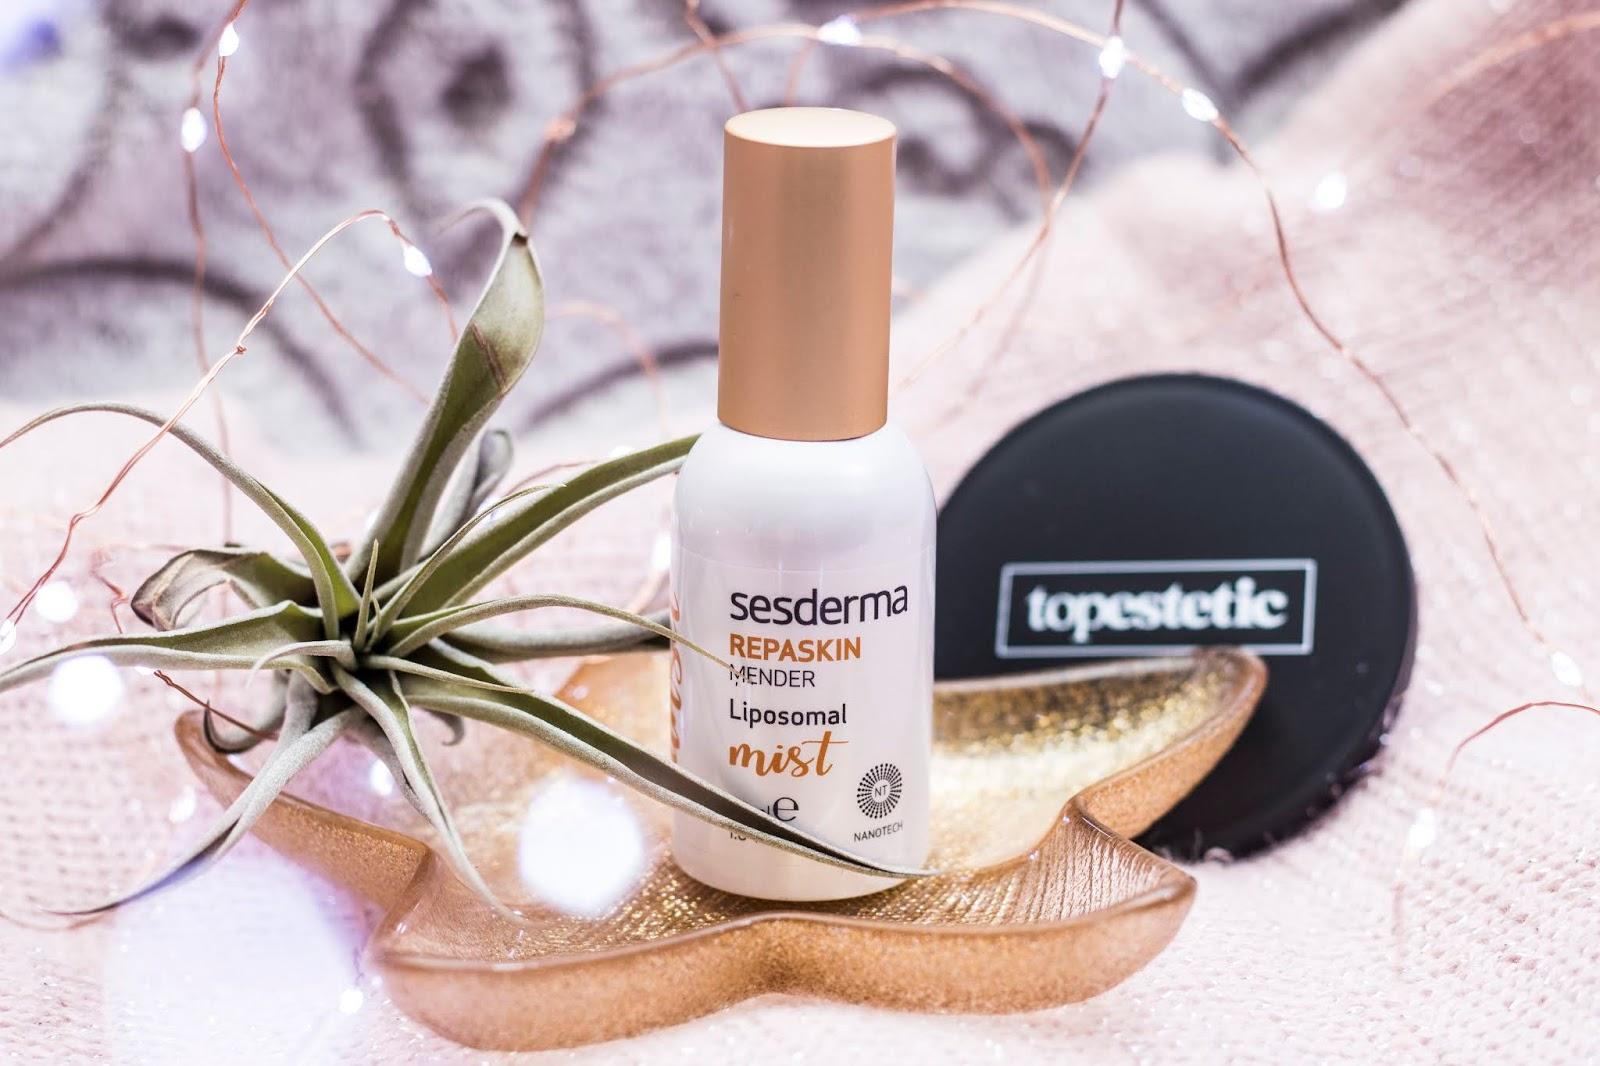 Repaskin Mender Liposomal Mist - Topestetic.pl